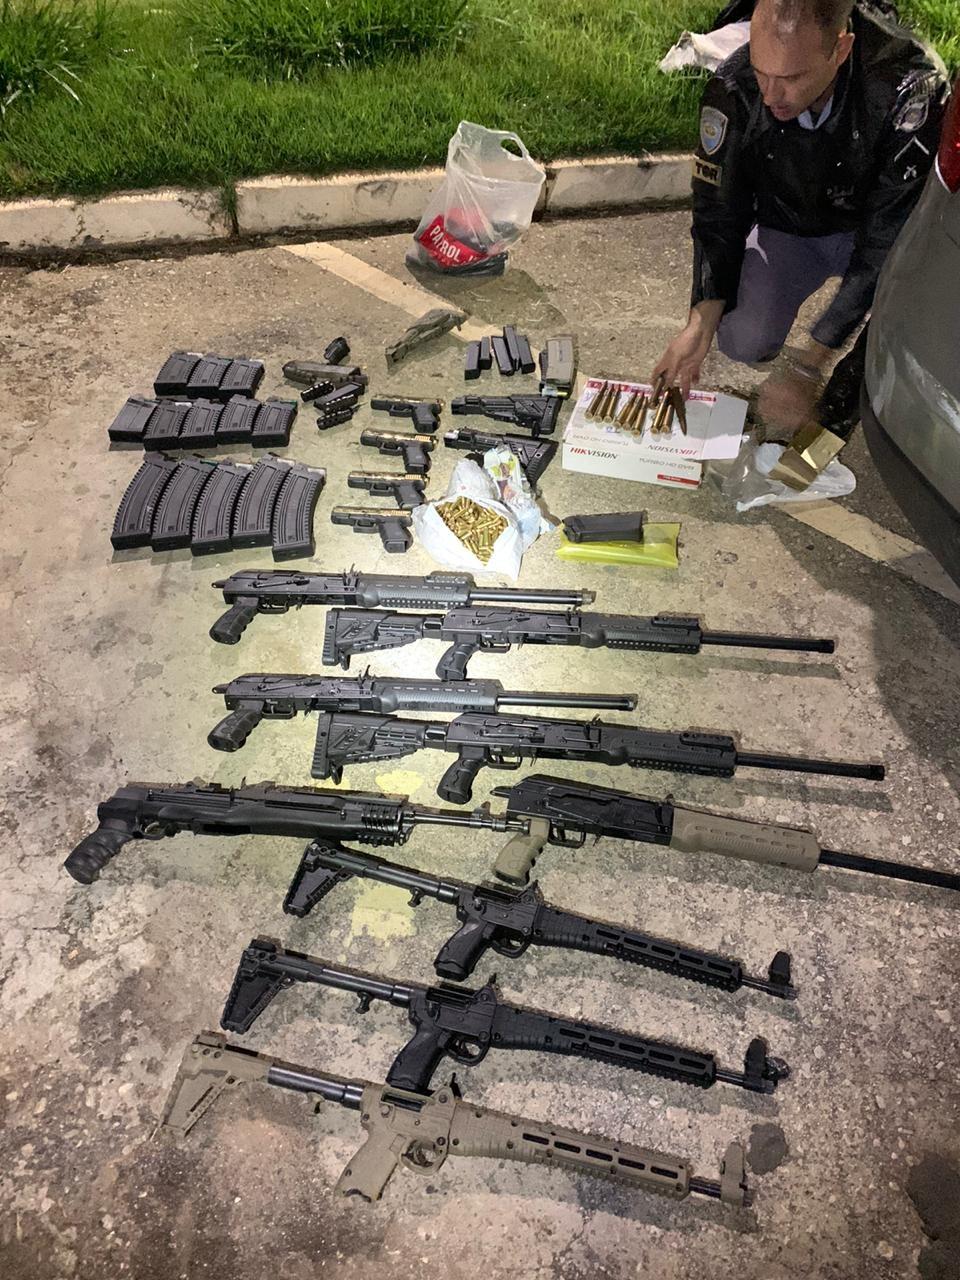 Polícia apreende fuzis, metralhadoras e munições que podem derrubar aeronaves em Taquarivaí